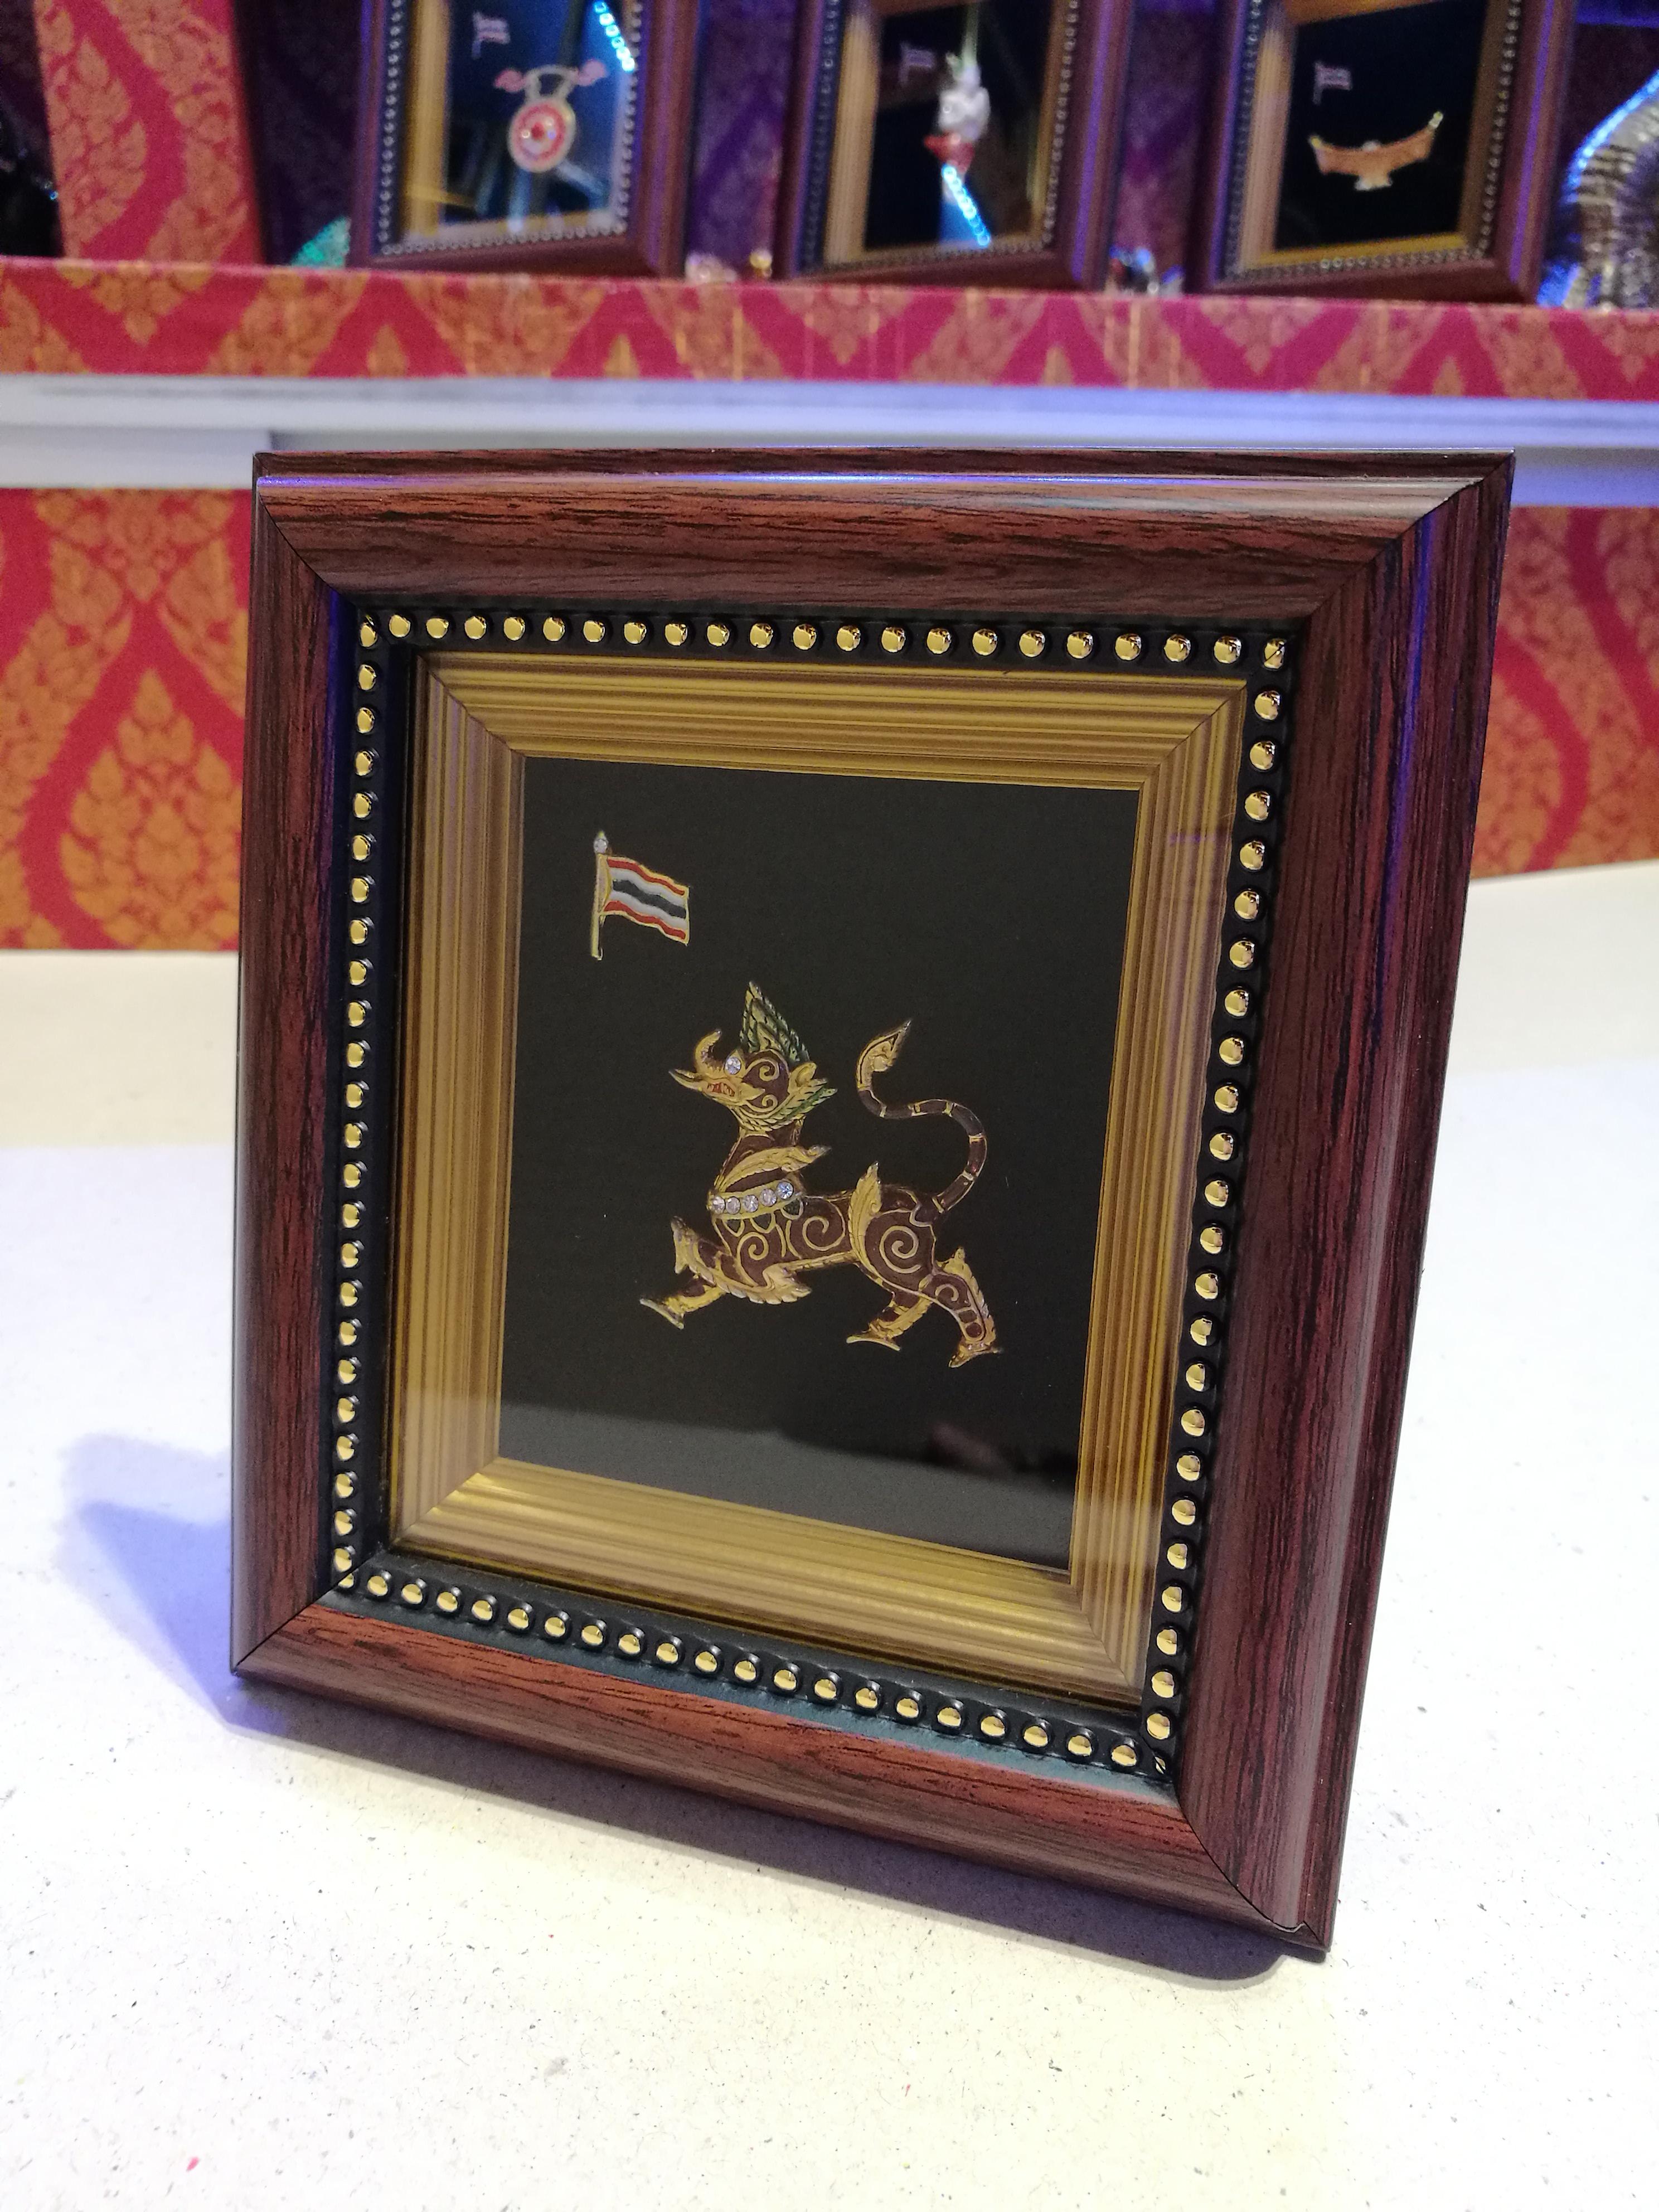 กรอบรูปเอกลักษณ์ไทย รูปสิงห์หรือคชสีห์ เป็นของขวัญ ของฝากที่ระลึก